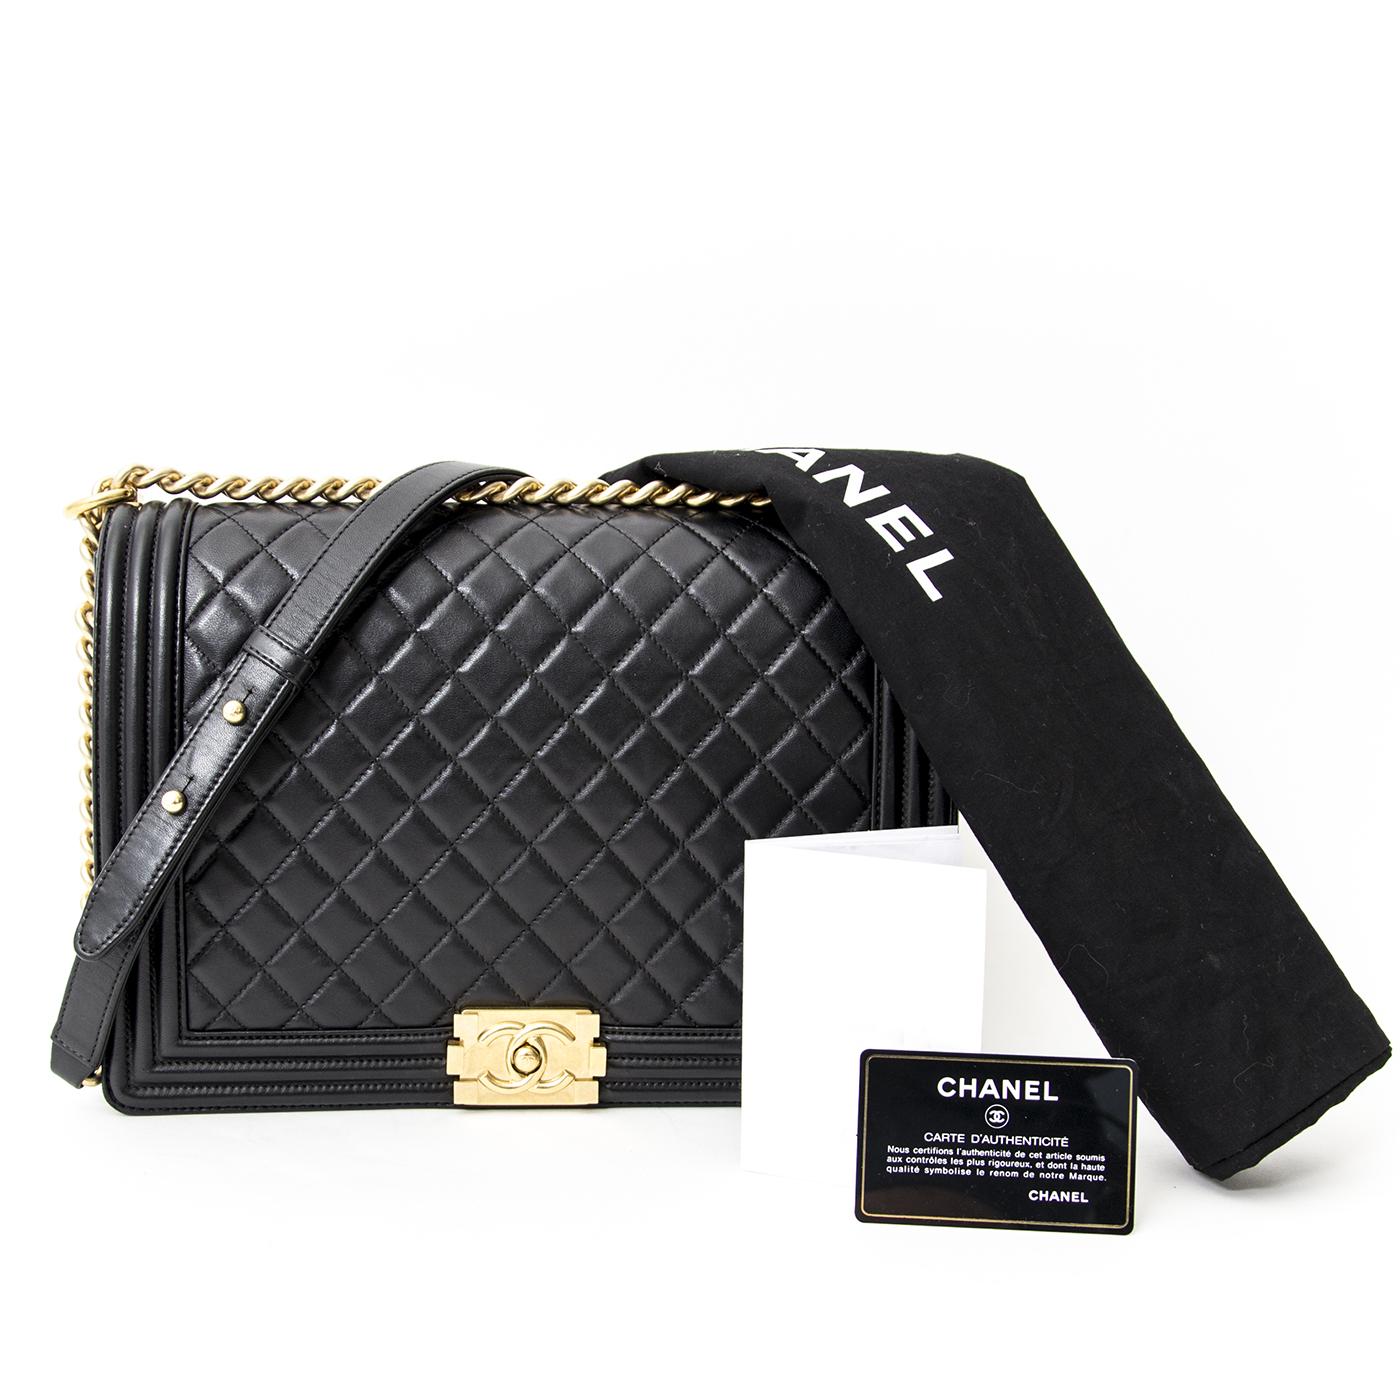 koop veilig online aan de beste prijs Chanel Large Black Lambskin Boy GHW online webshop labellov.com België, Antwerpen